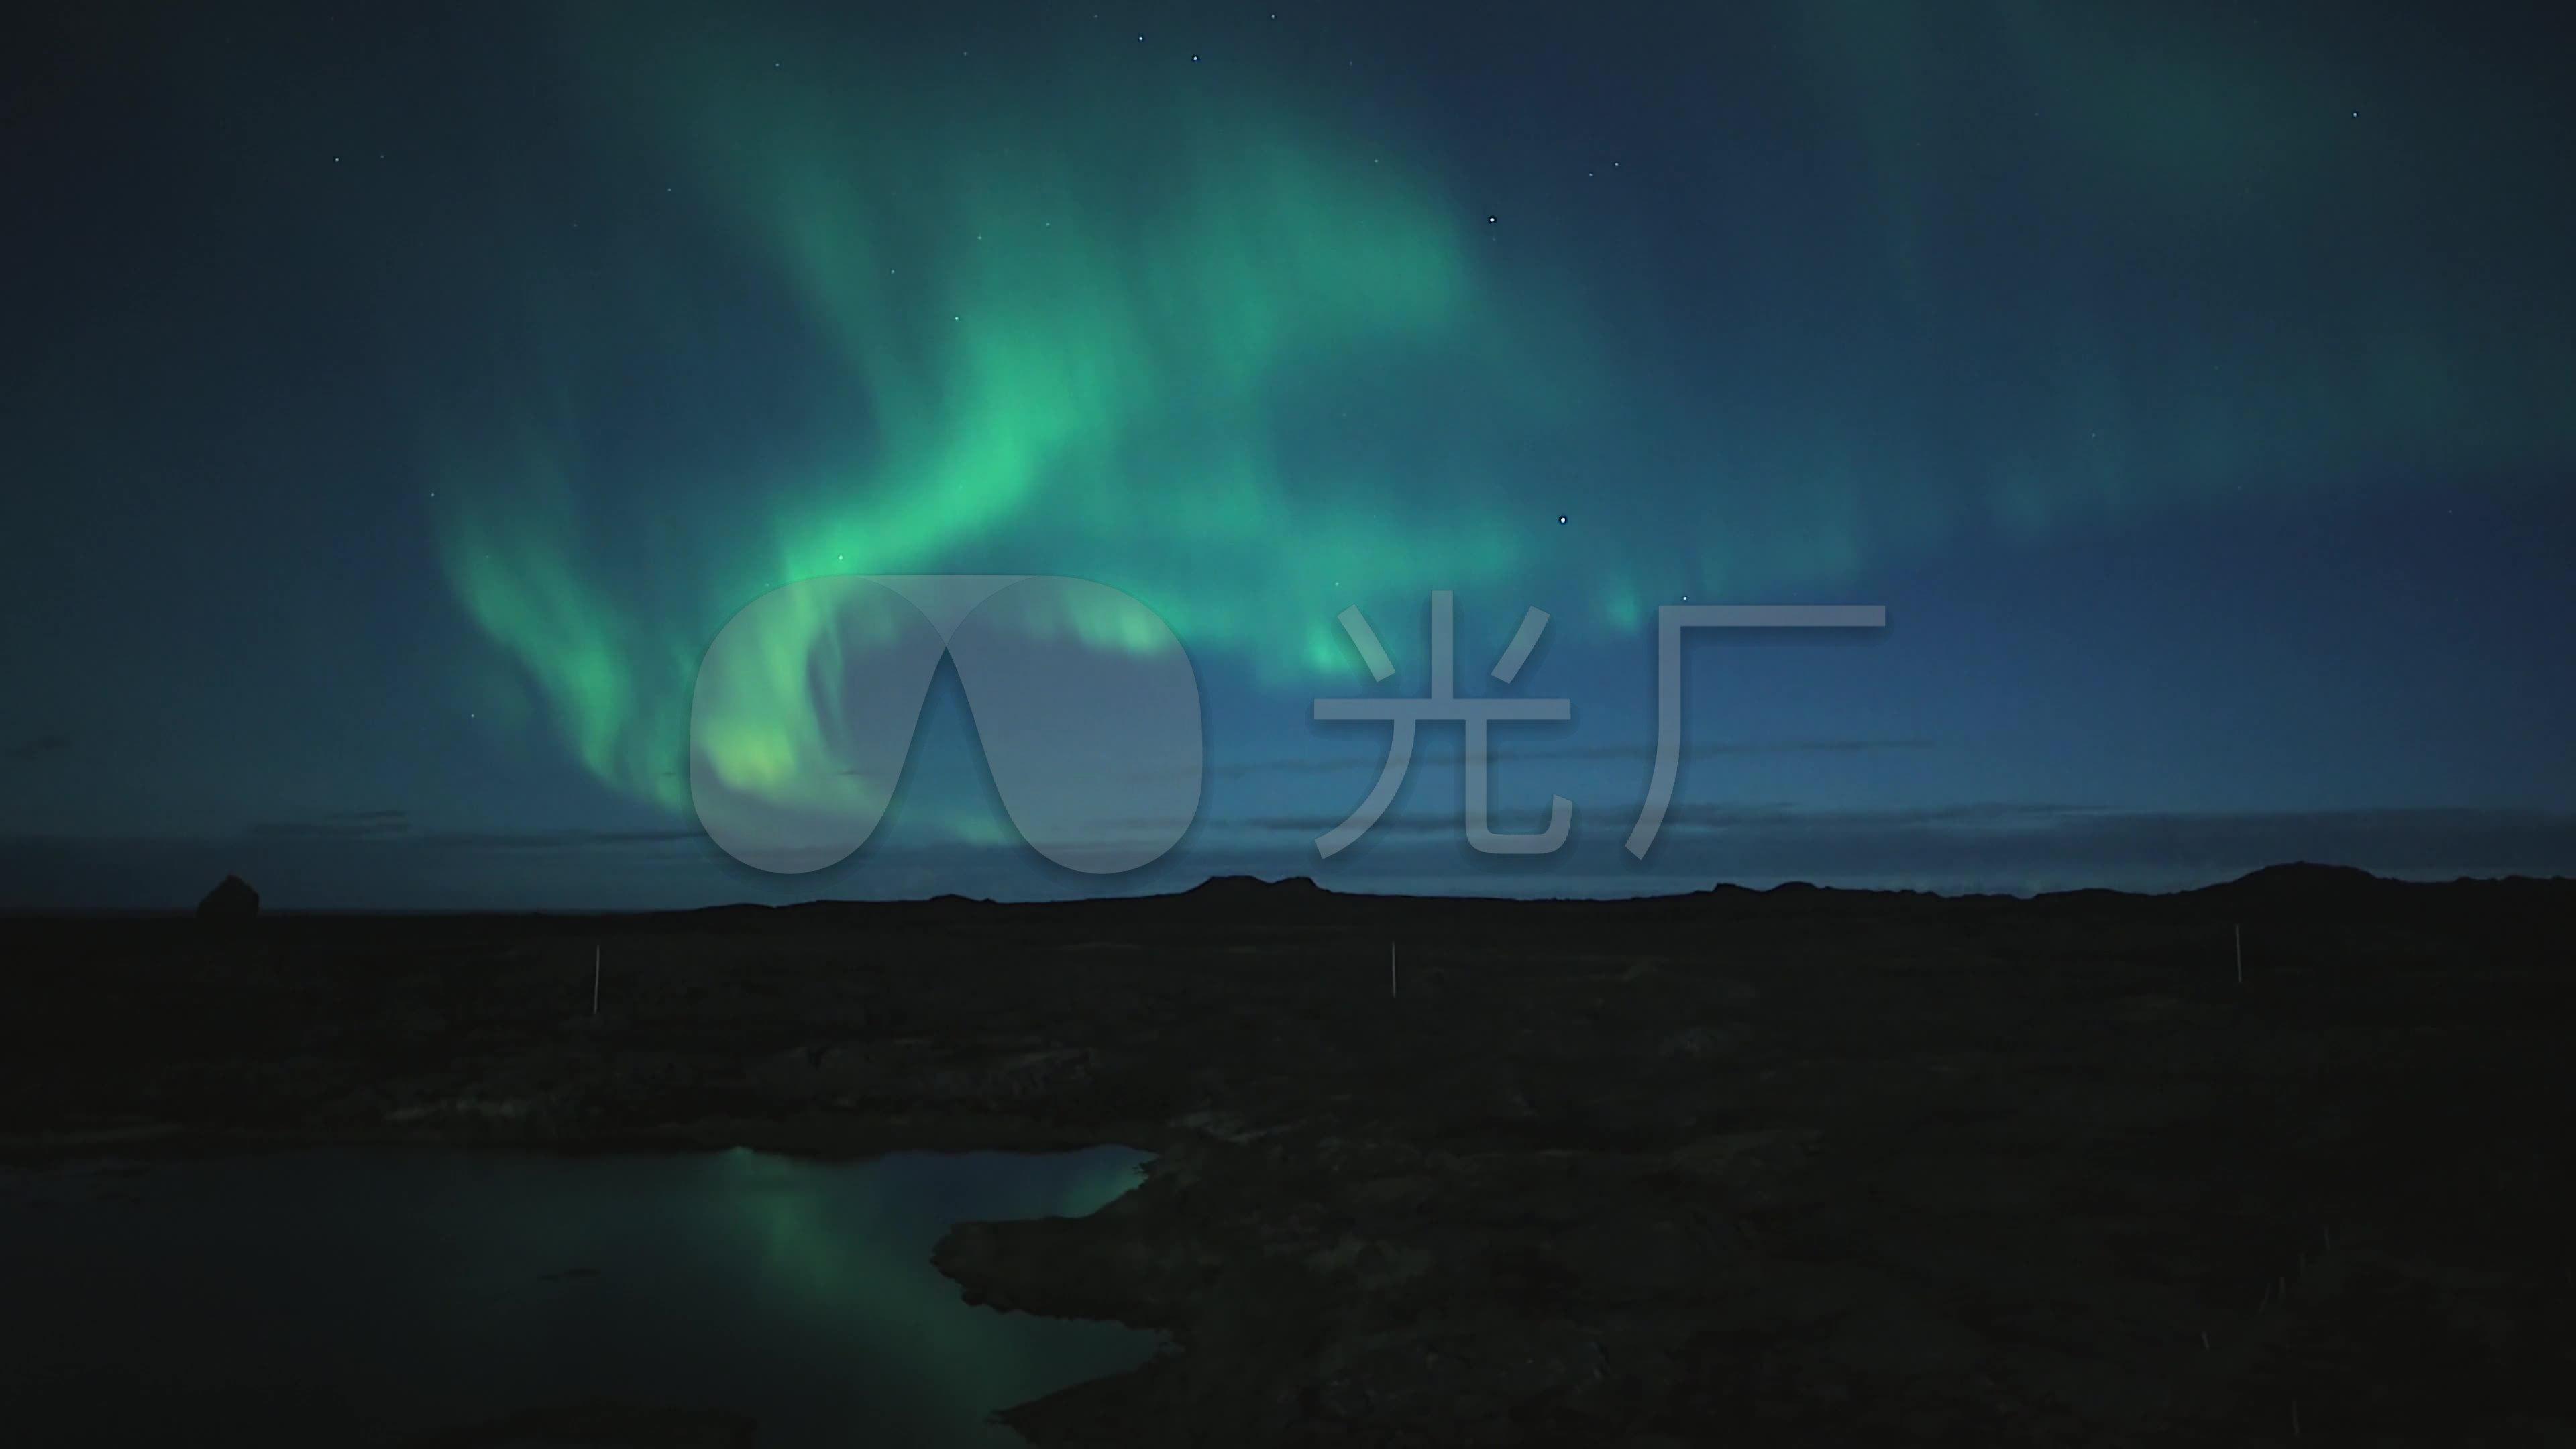 4k穿越史诗冰岛景观_3840x2160_高清视频素材下载